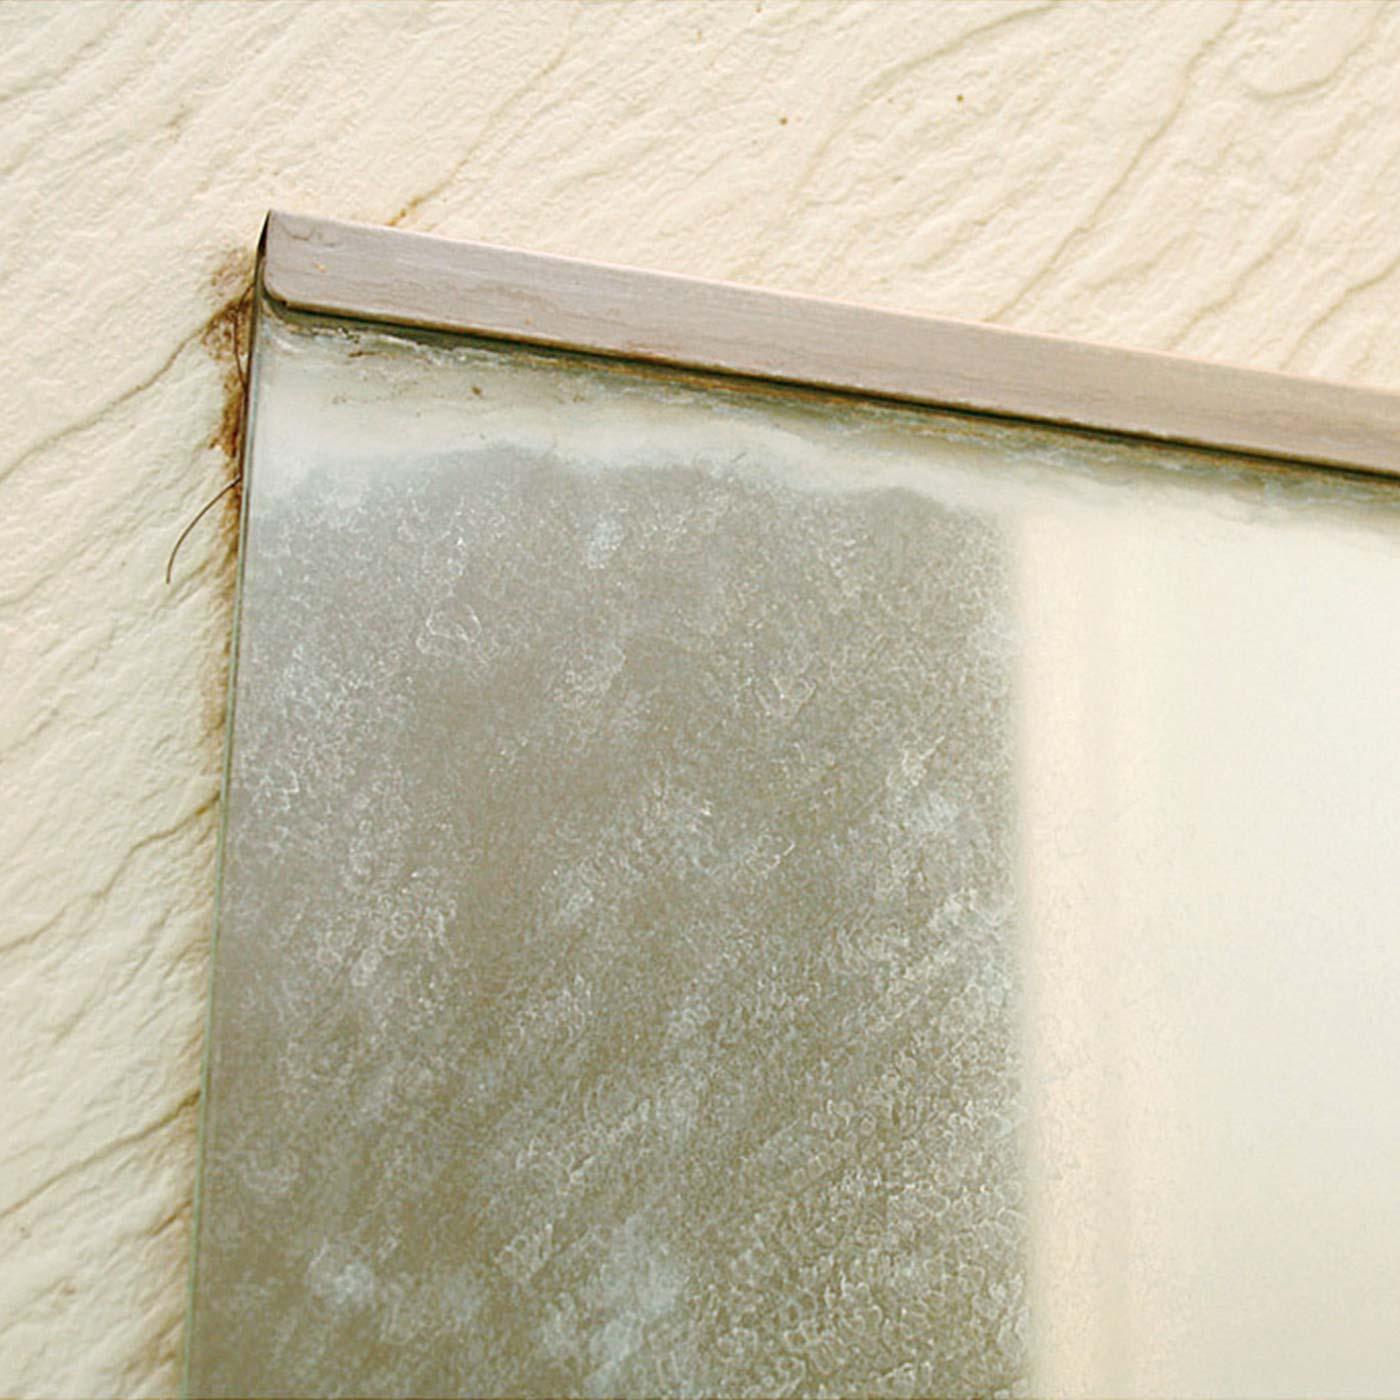 鏡に付いた白いうろこ状の汚れ